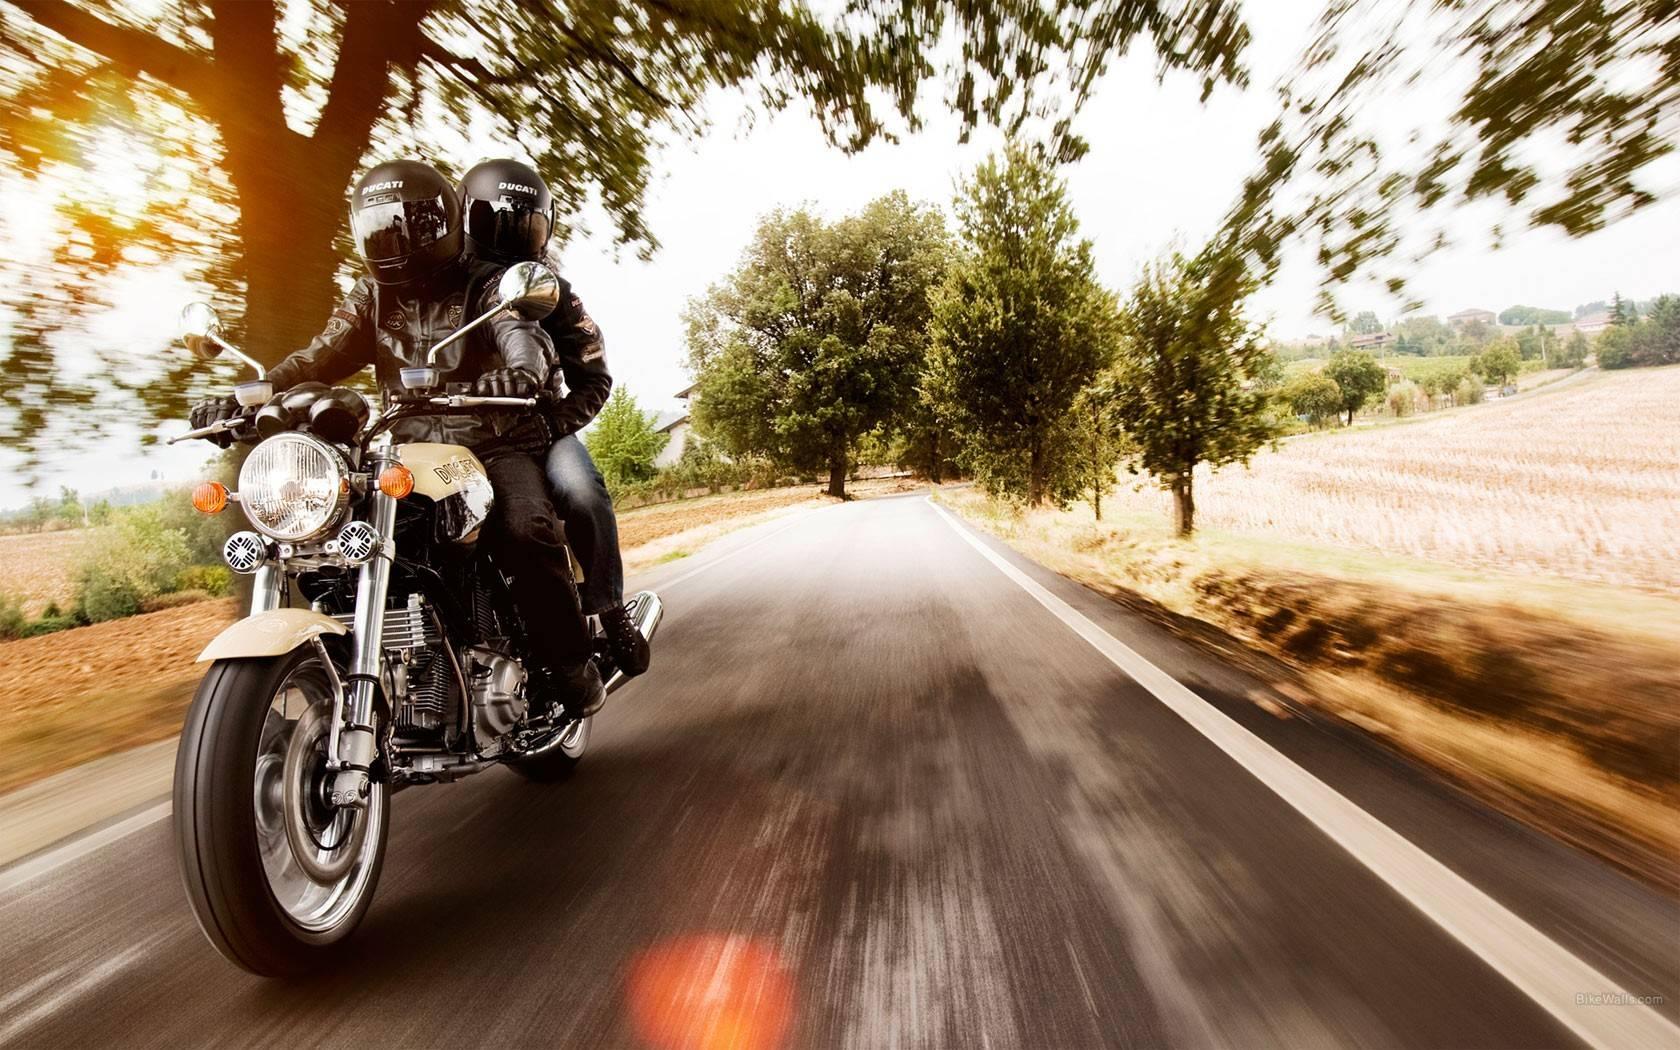 biker wallpapers - wallpaper cave